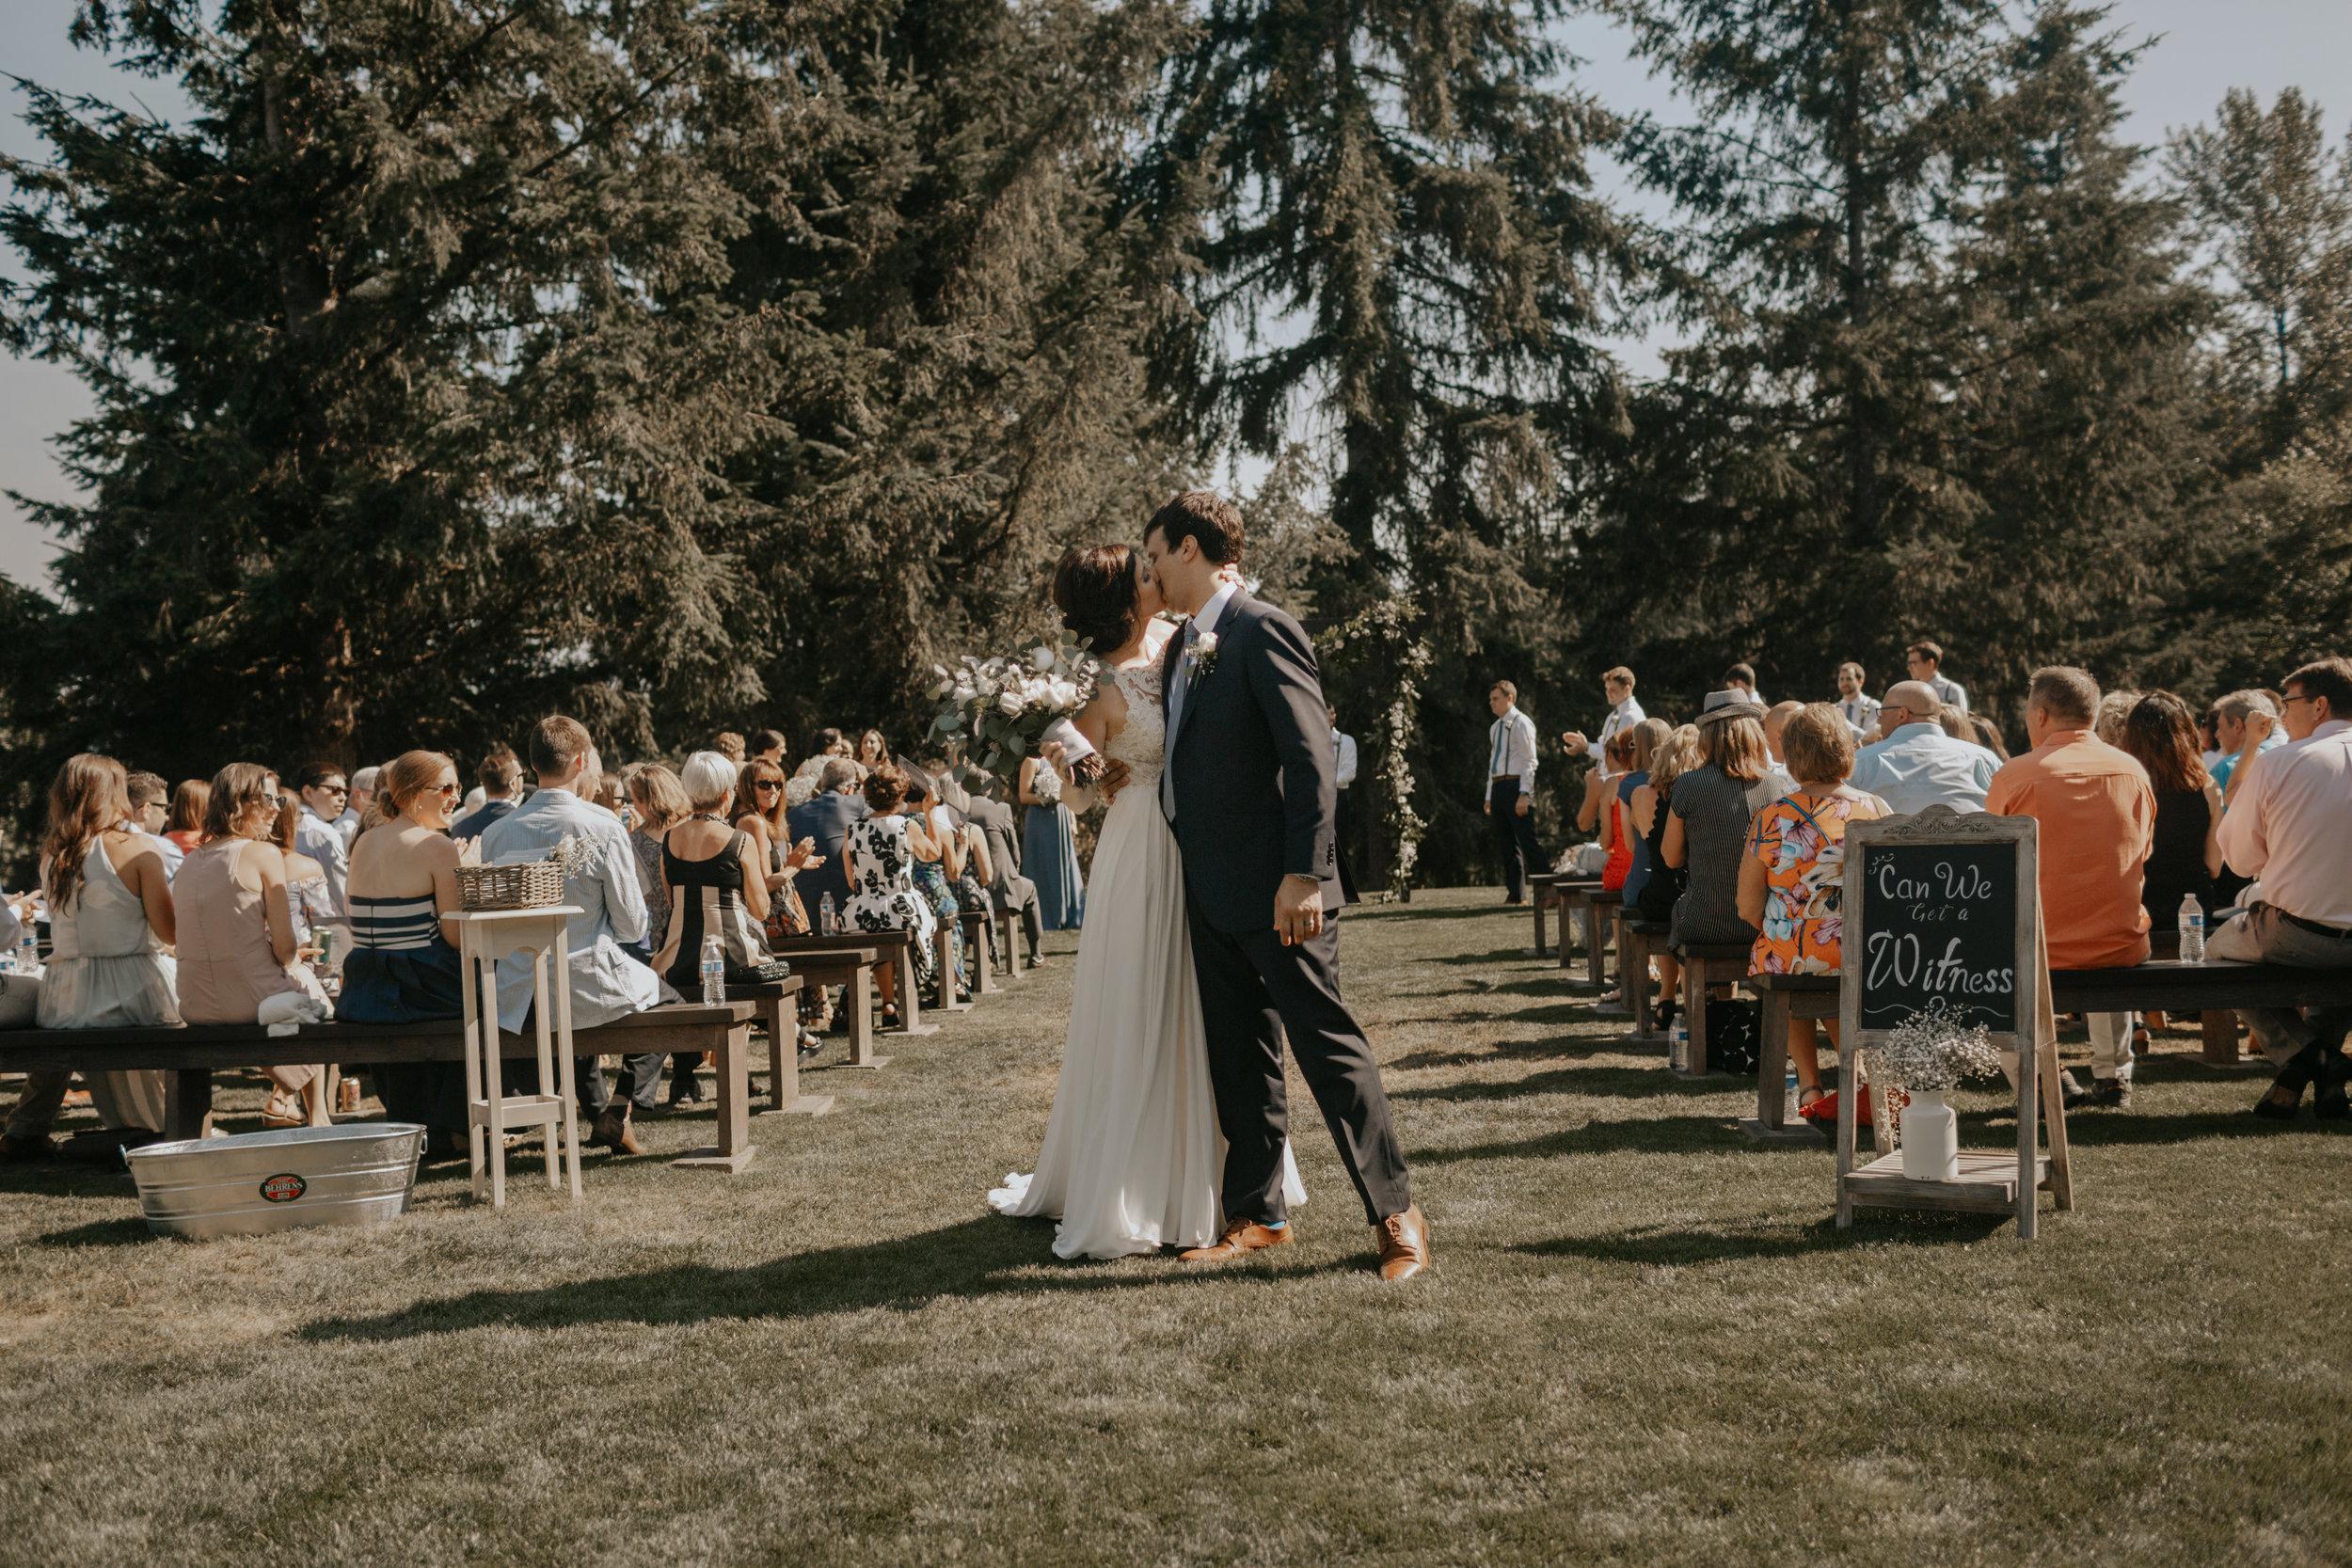 ginapaulson_katymatt_wedding-544.jpg